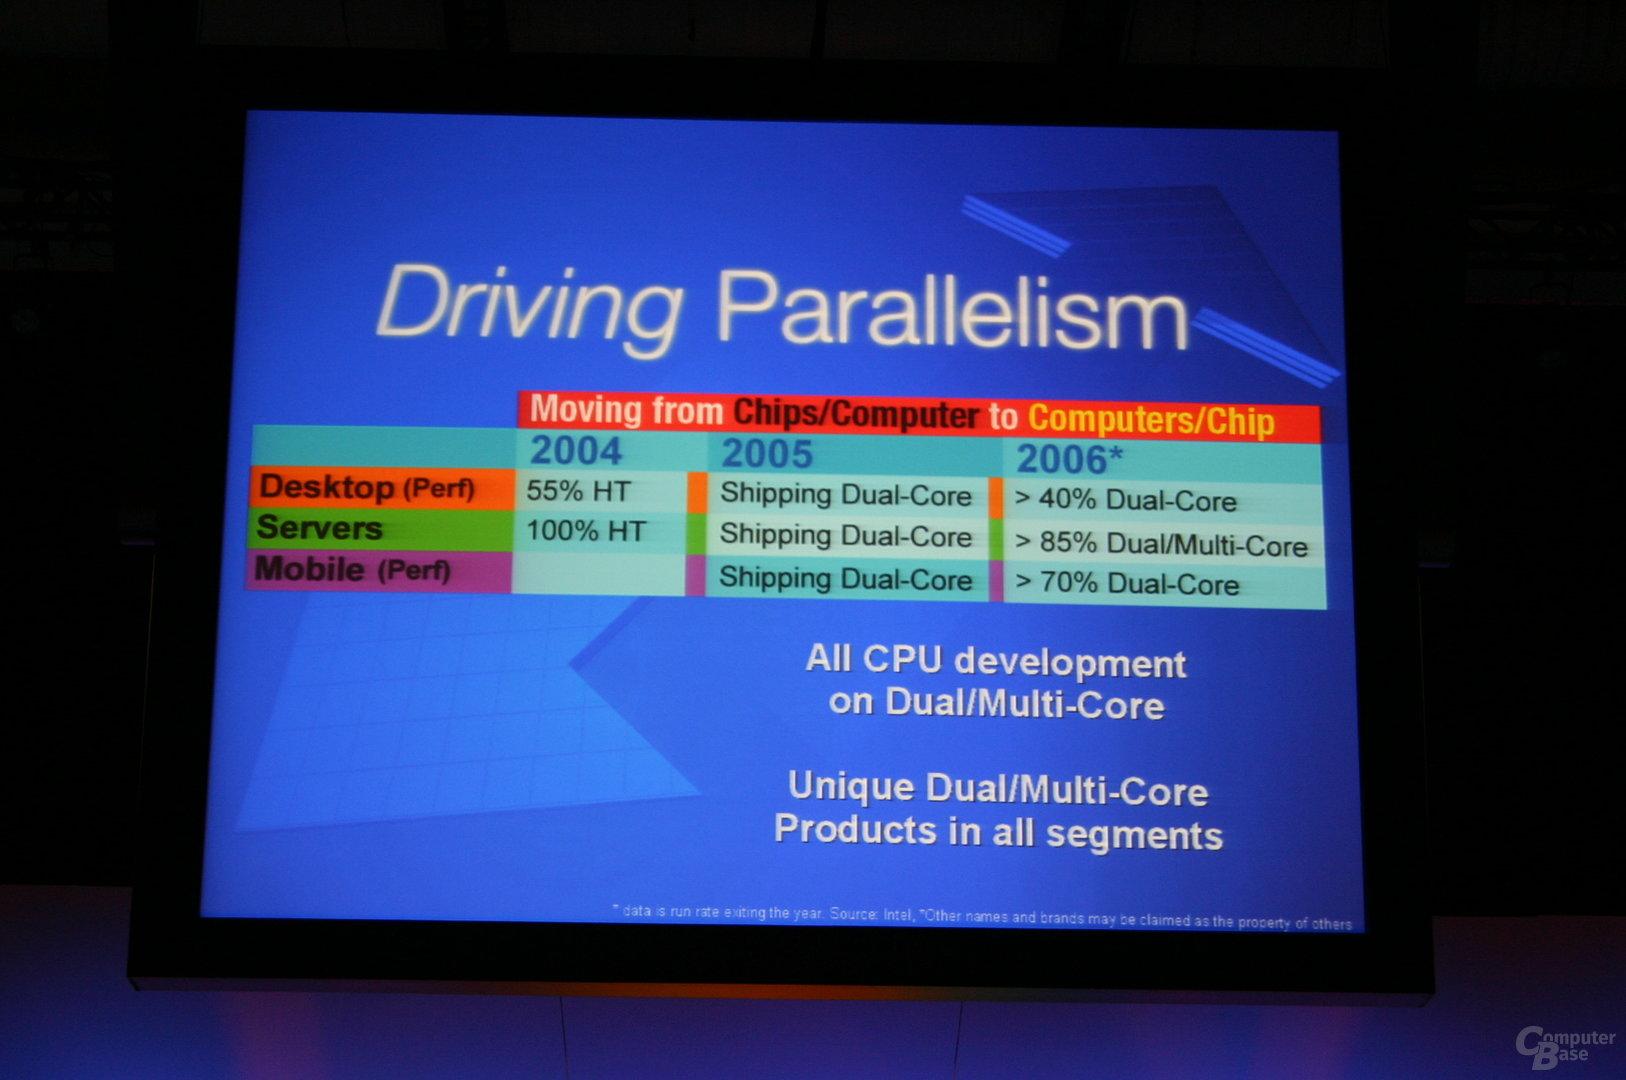 Dual-Core-Produkte in allen Bereichen